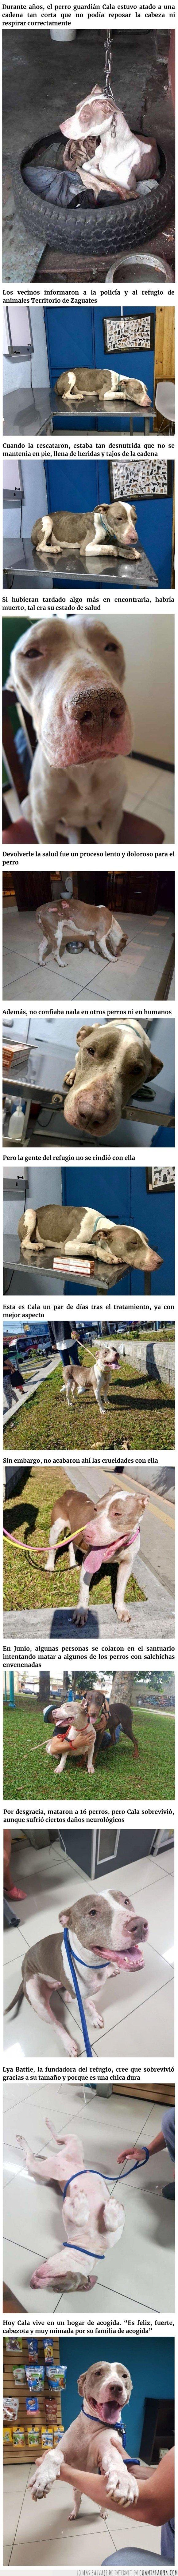 atada,crueldad,perros,veneno